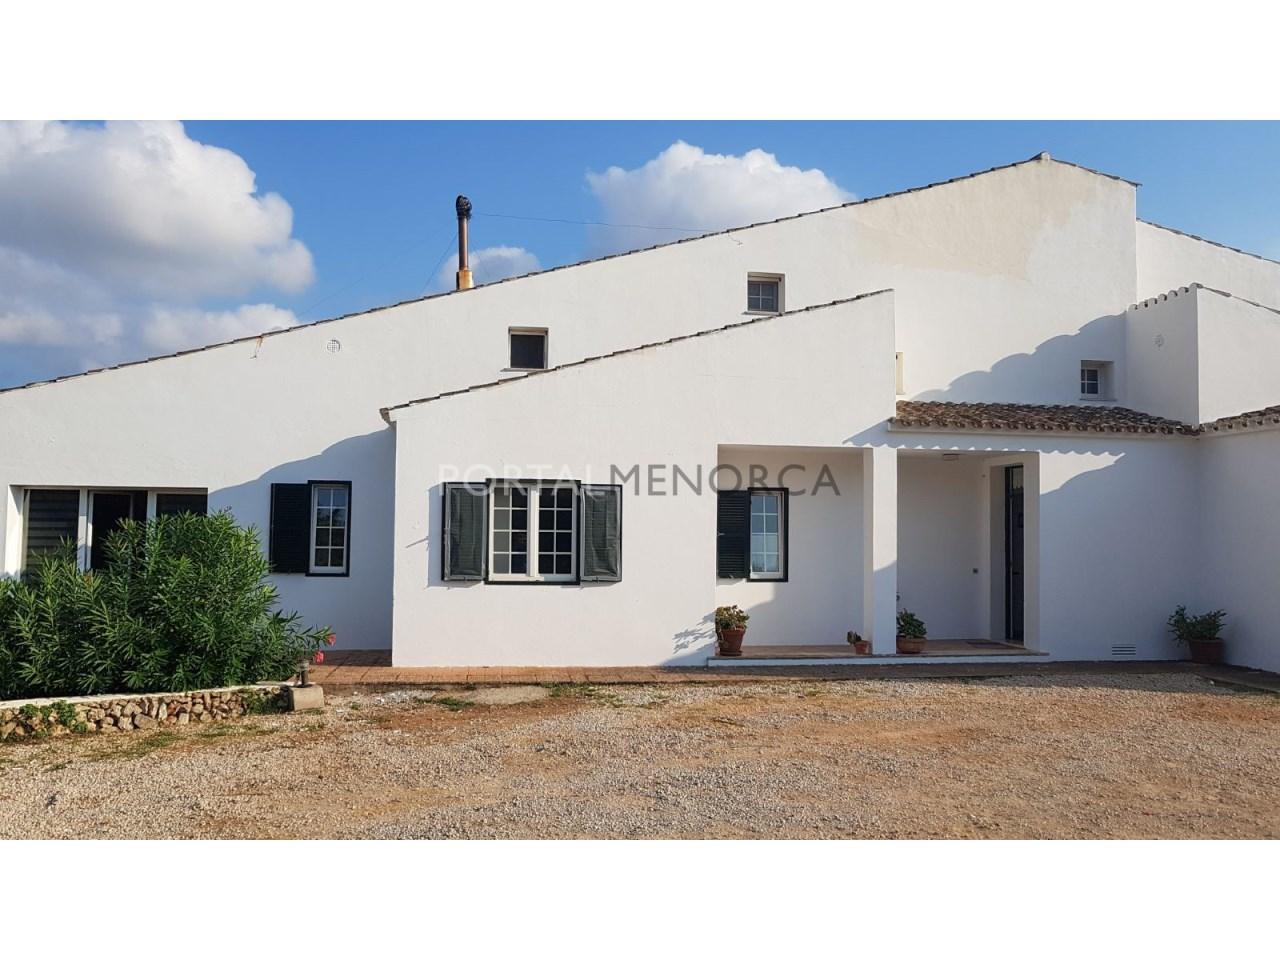 vendre-maison-campagne-menorca (1)